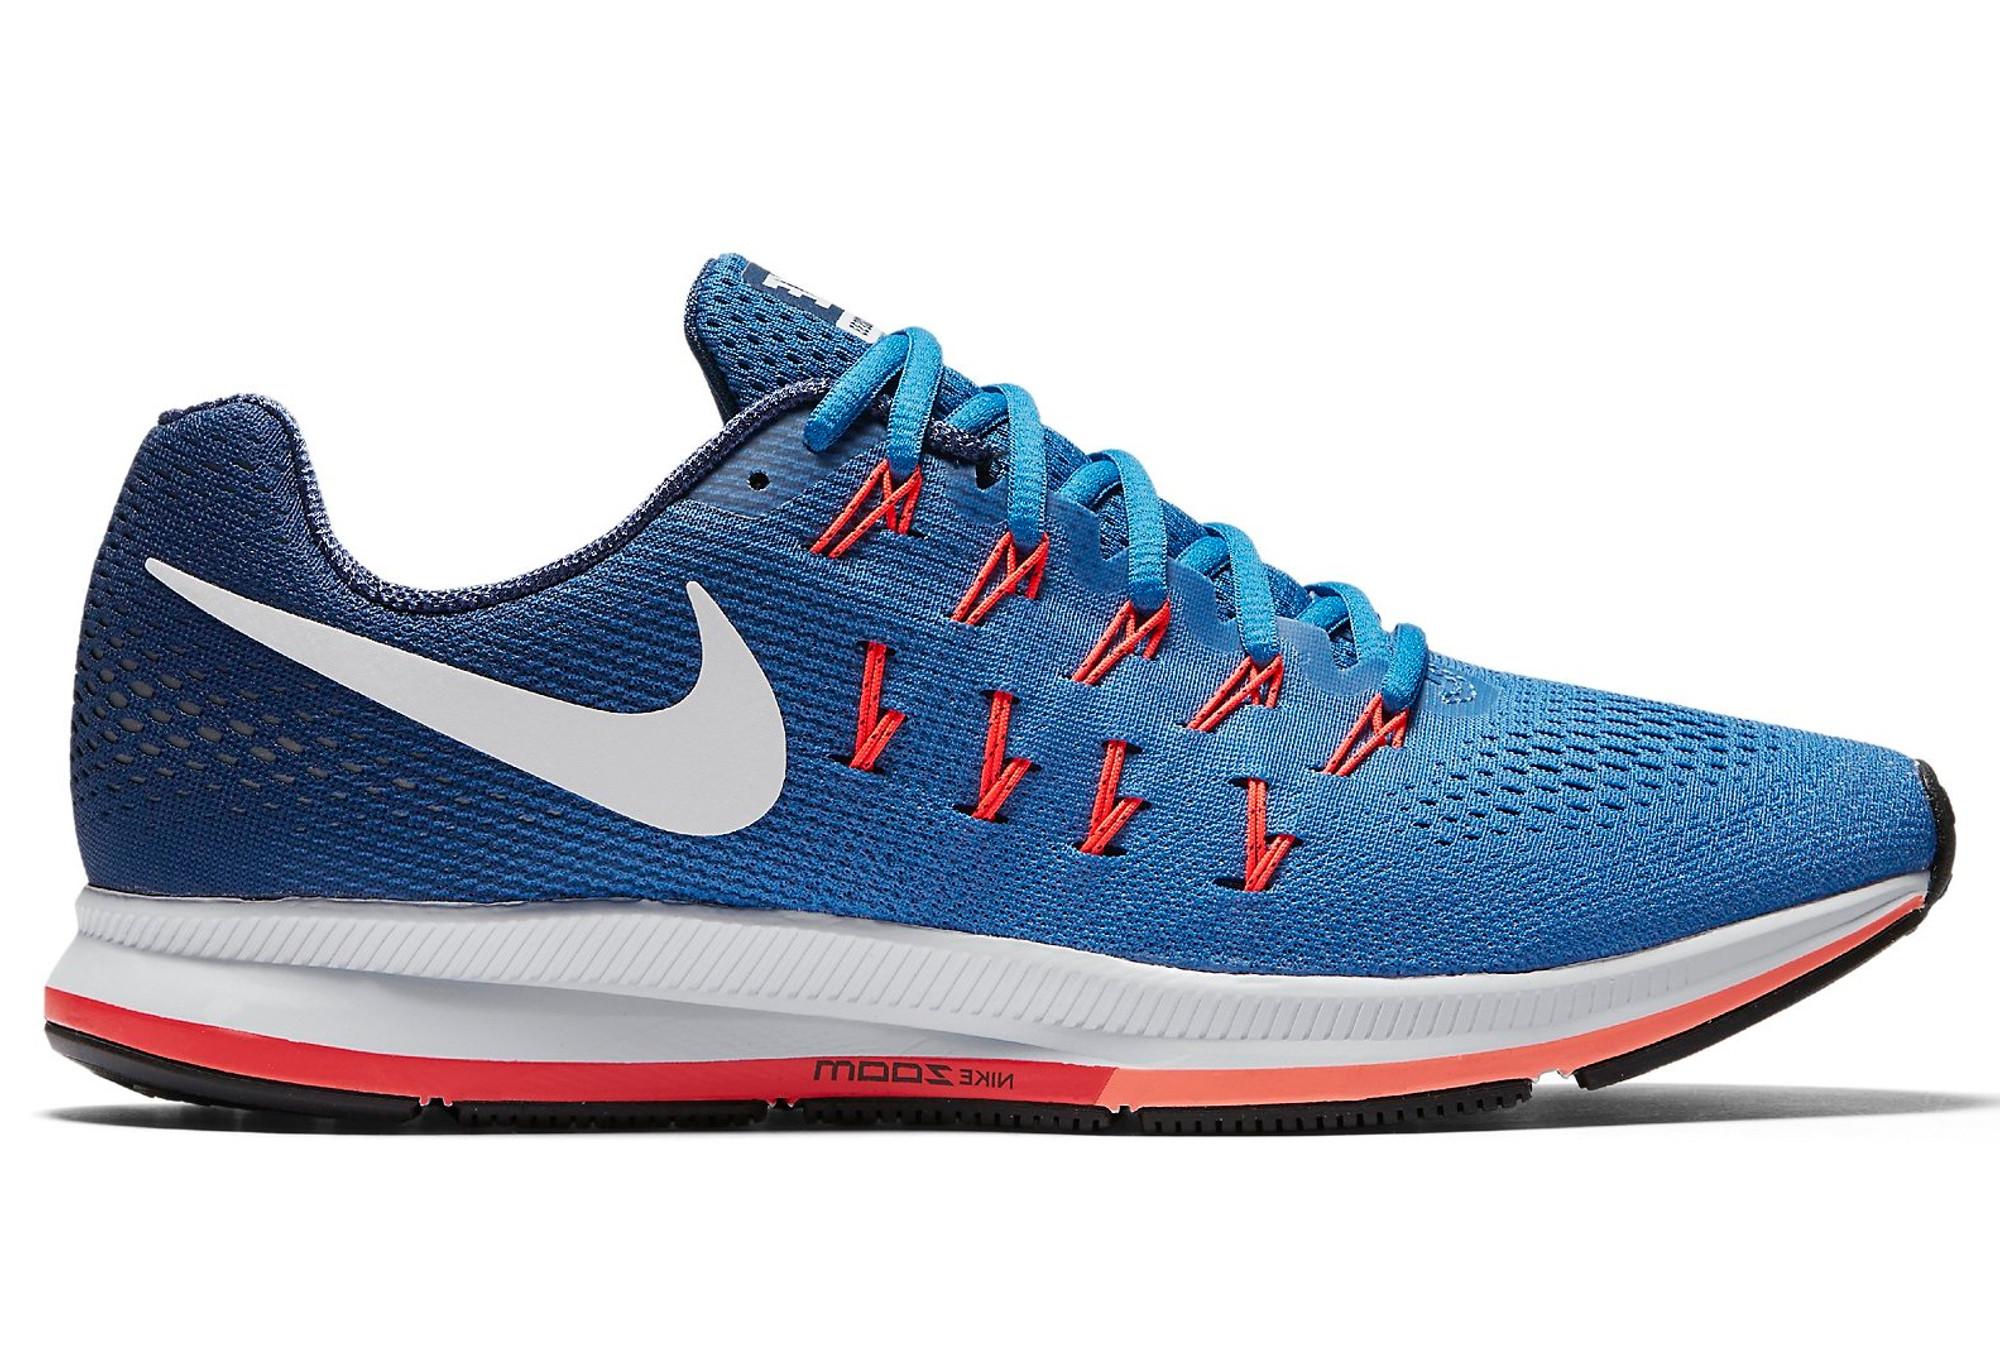 timeless design 3d45a df725 Chaussures de Running Nike AIR ZOOM PEGASUS 33 Bleu